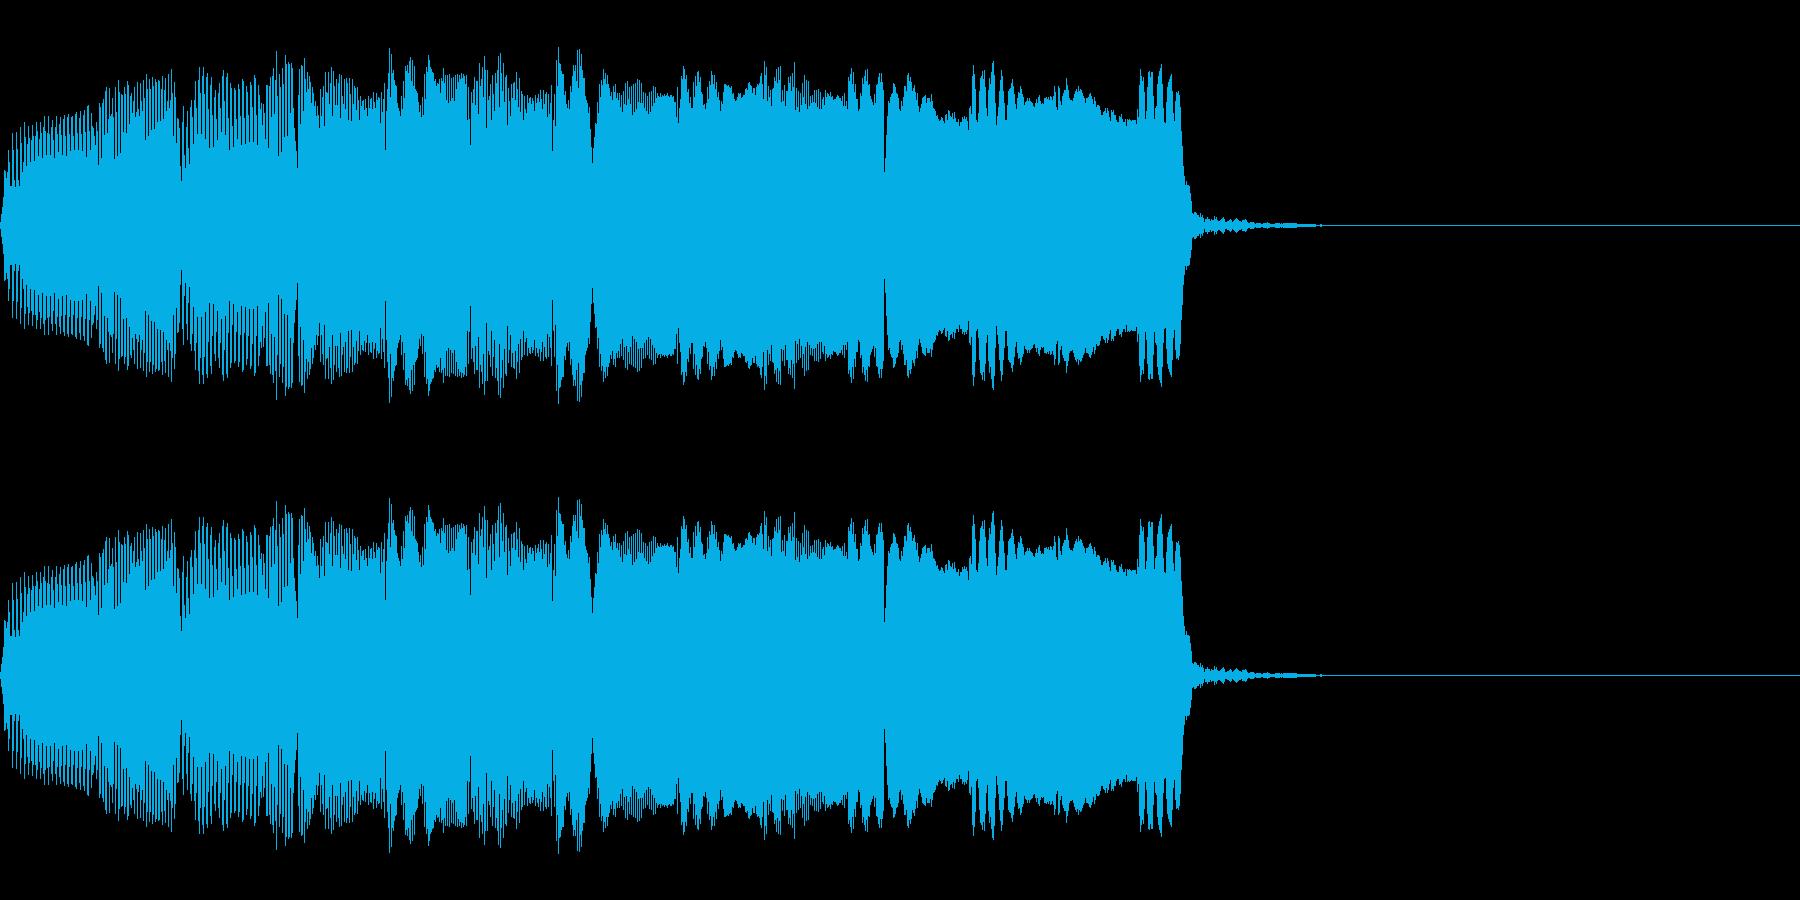 明るい響きのアラーム音(単音)の再生済みの波形